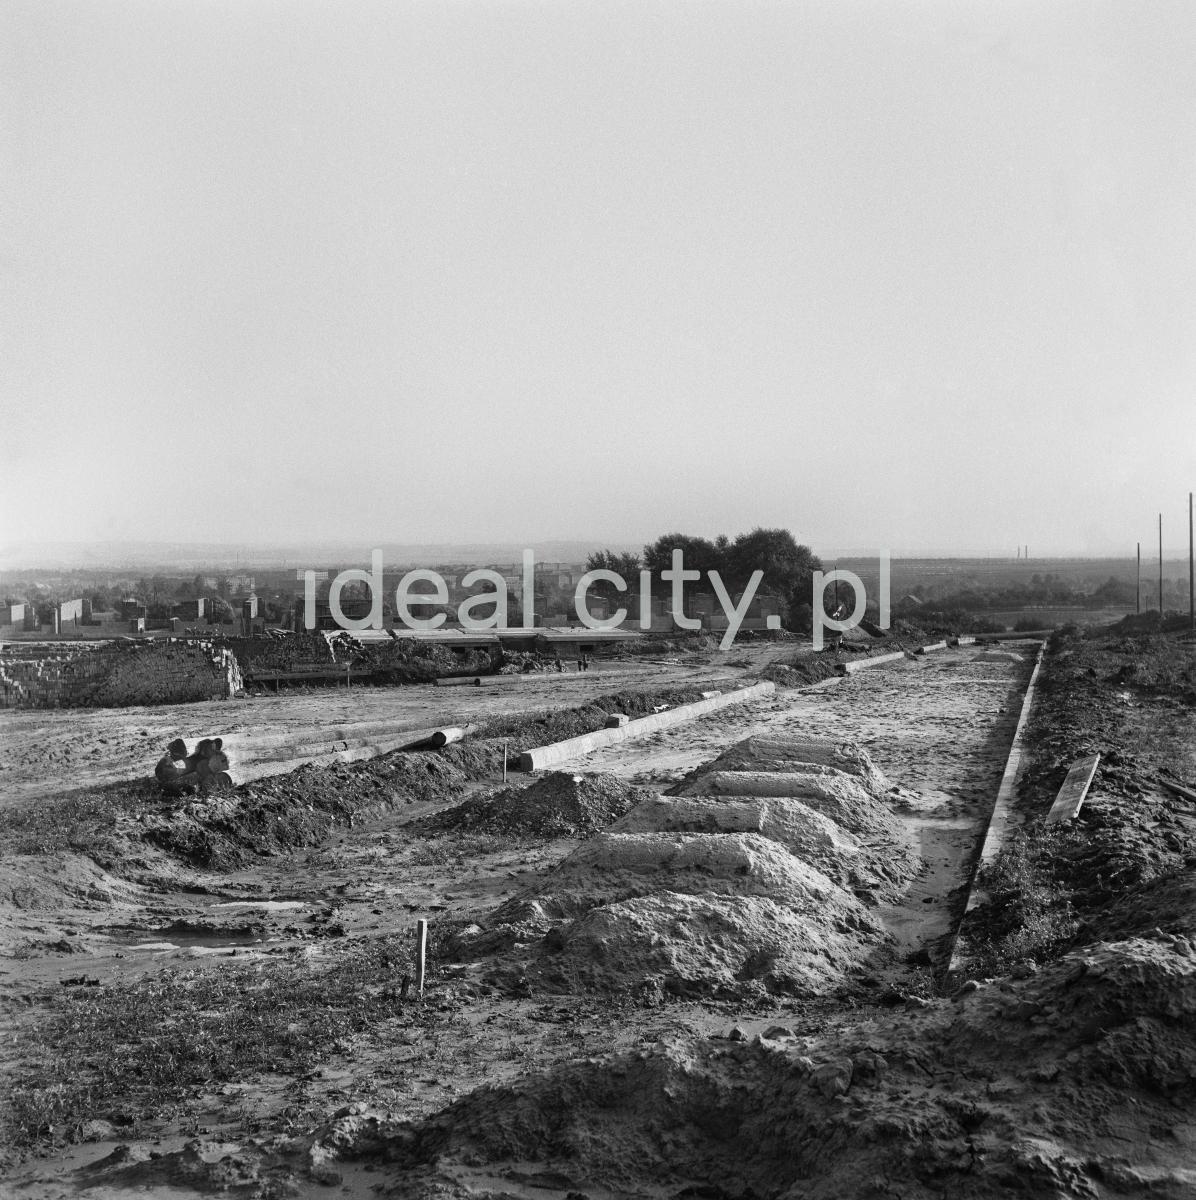 Plac budowy na otwartej łące, w dalekiej perspektywie widoczne zabudowania i kominy.